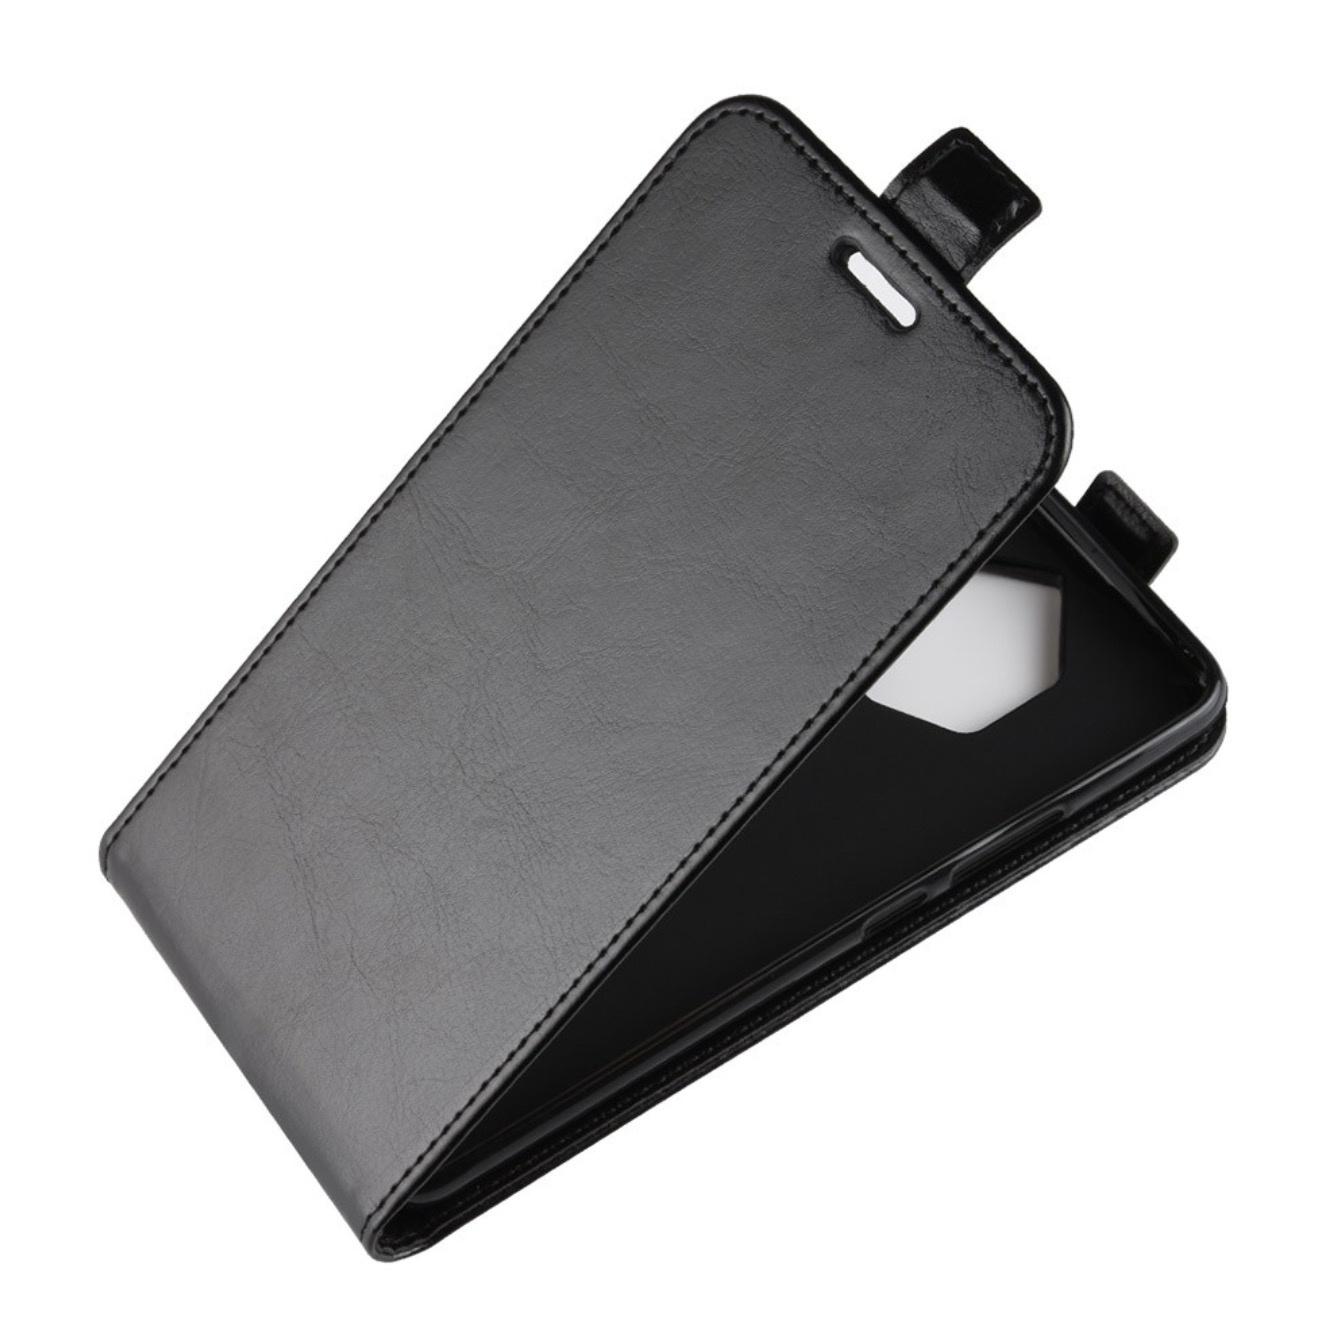 все цены на Чехол-флип MyPads для Nokia Lumia 928 вертикальный откидной черный онлайн